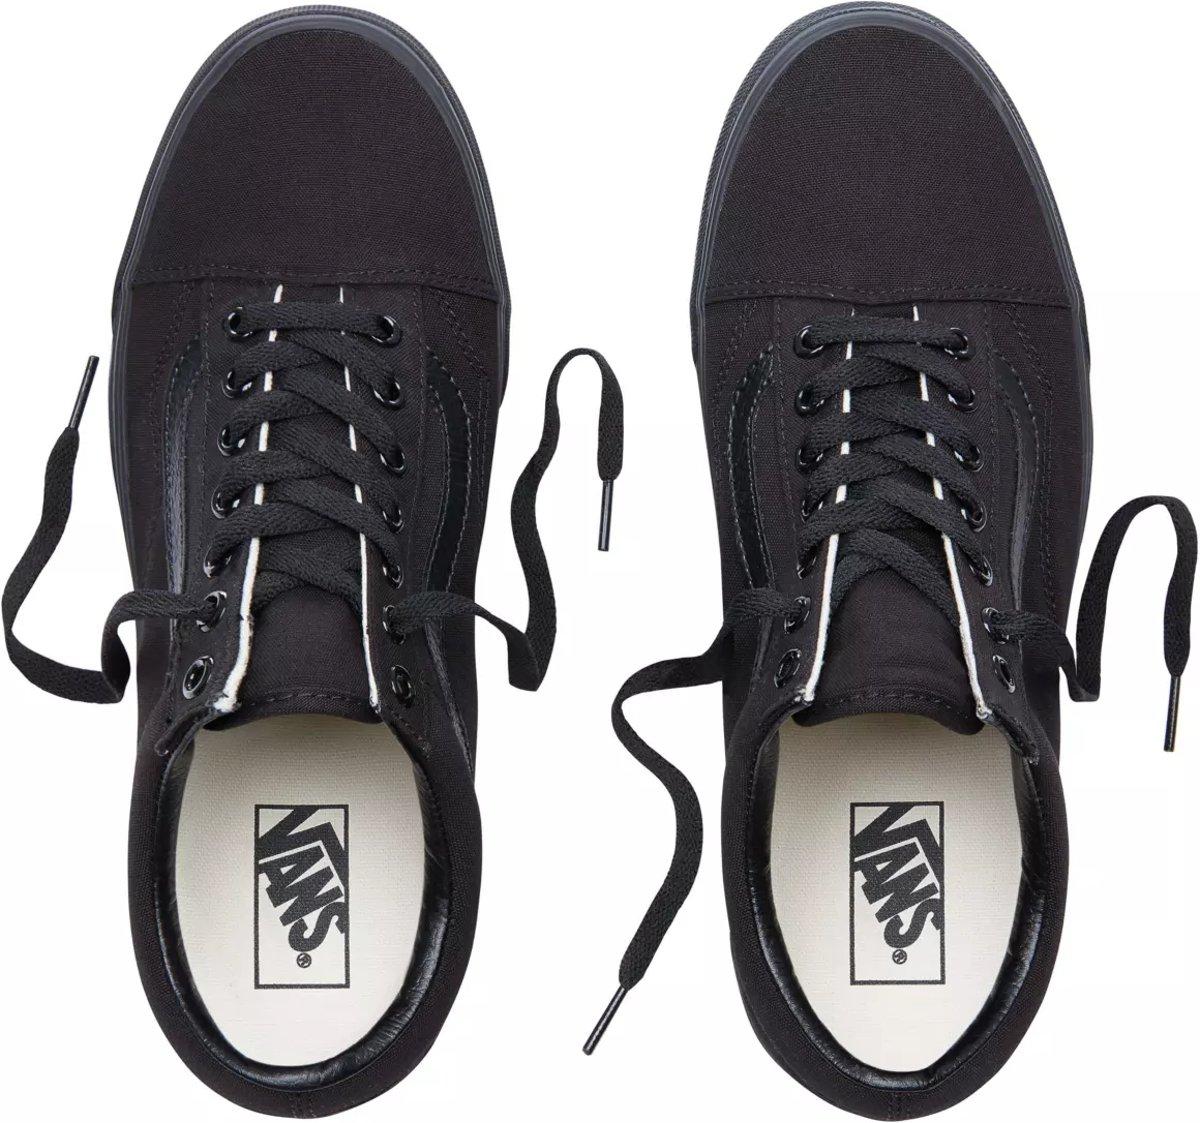 ddaff94bb2a bol.com | Vans Old Skool Sneakers - Unisex - Zwart - Maat 38